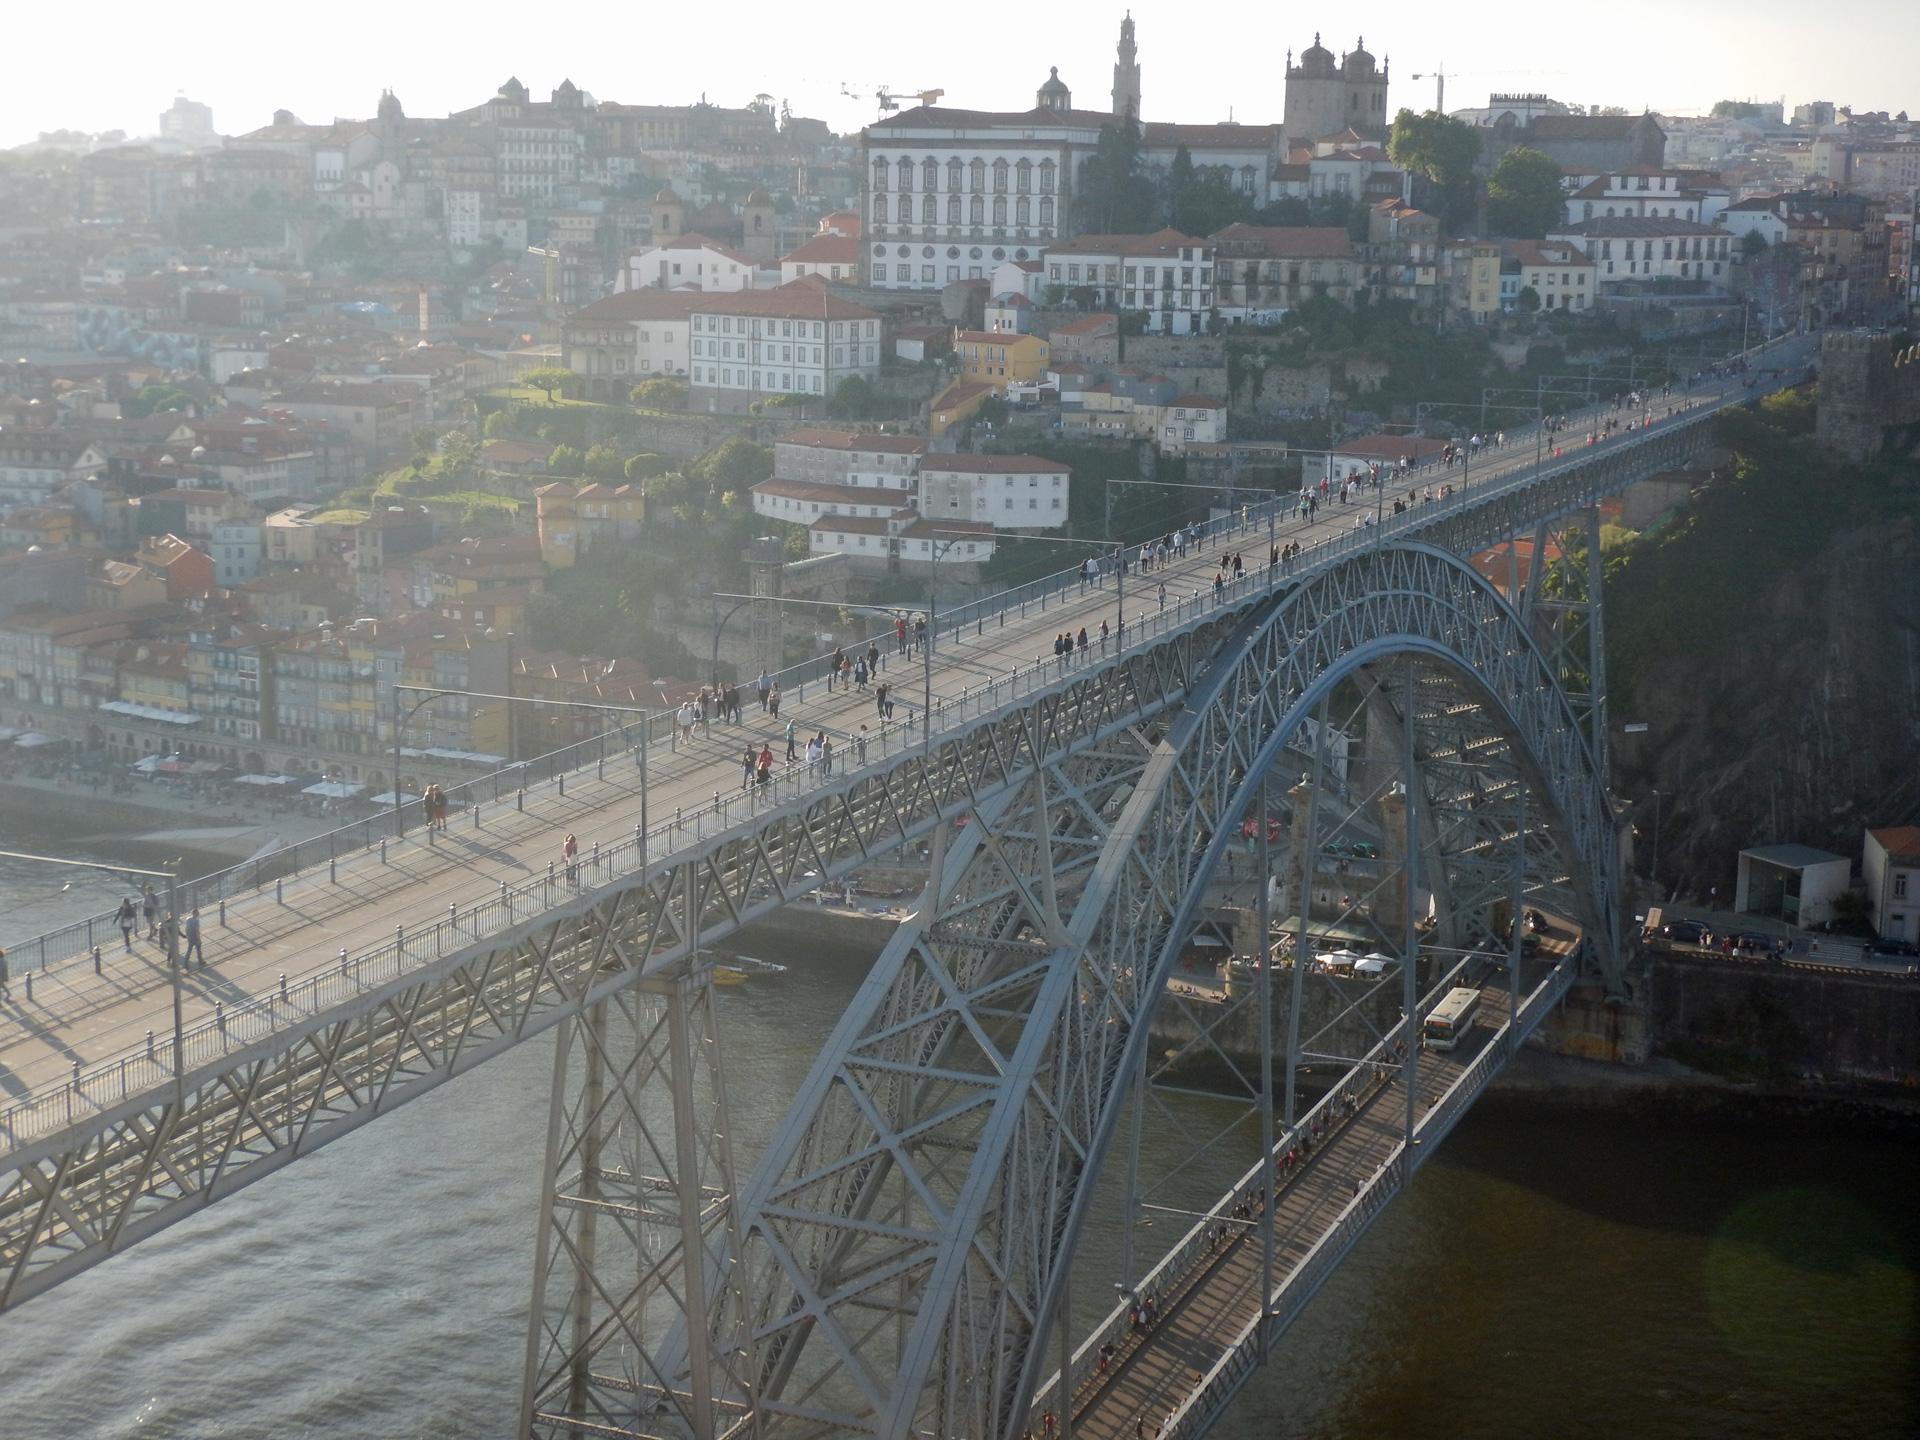 Uitzicht op de Ponte Luís I brug en de Sé do Porto vanaf Mosteiro da Serra do Pilar